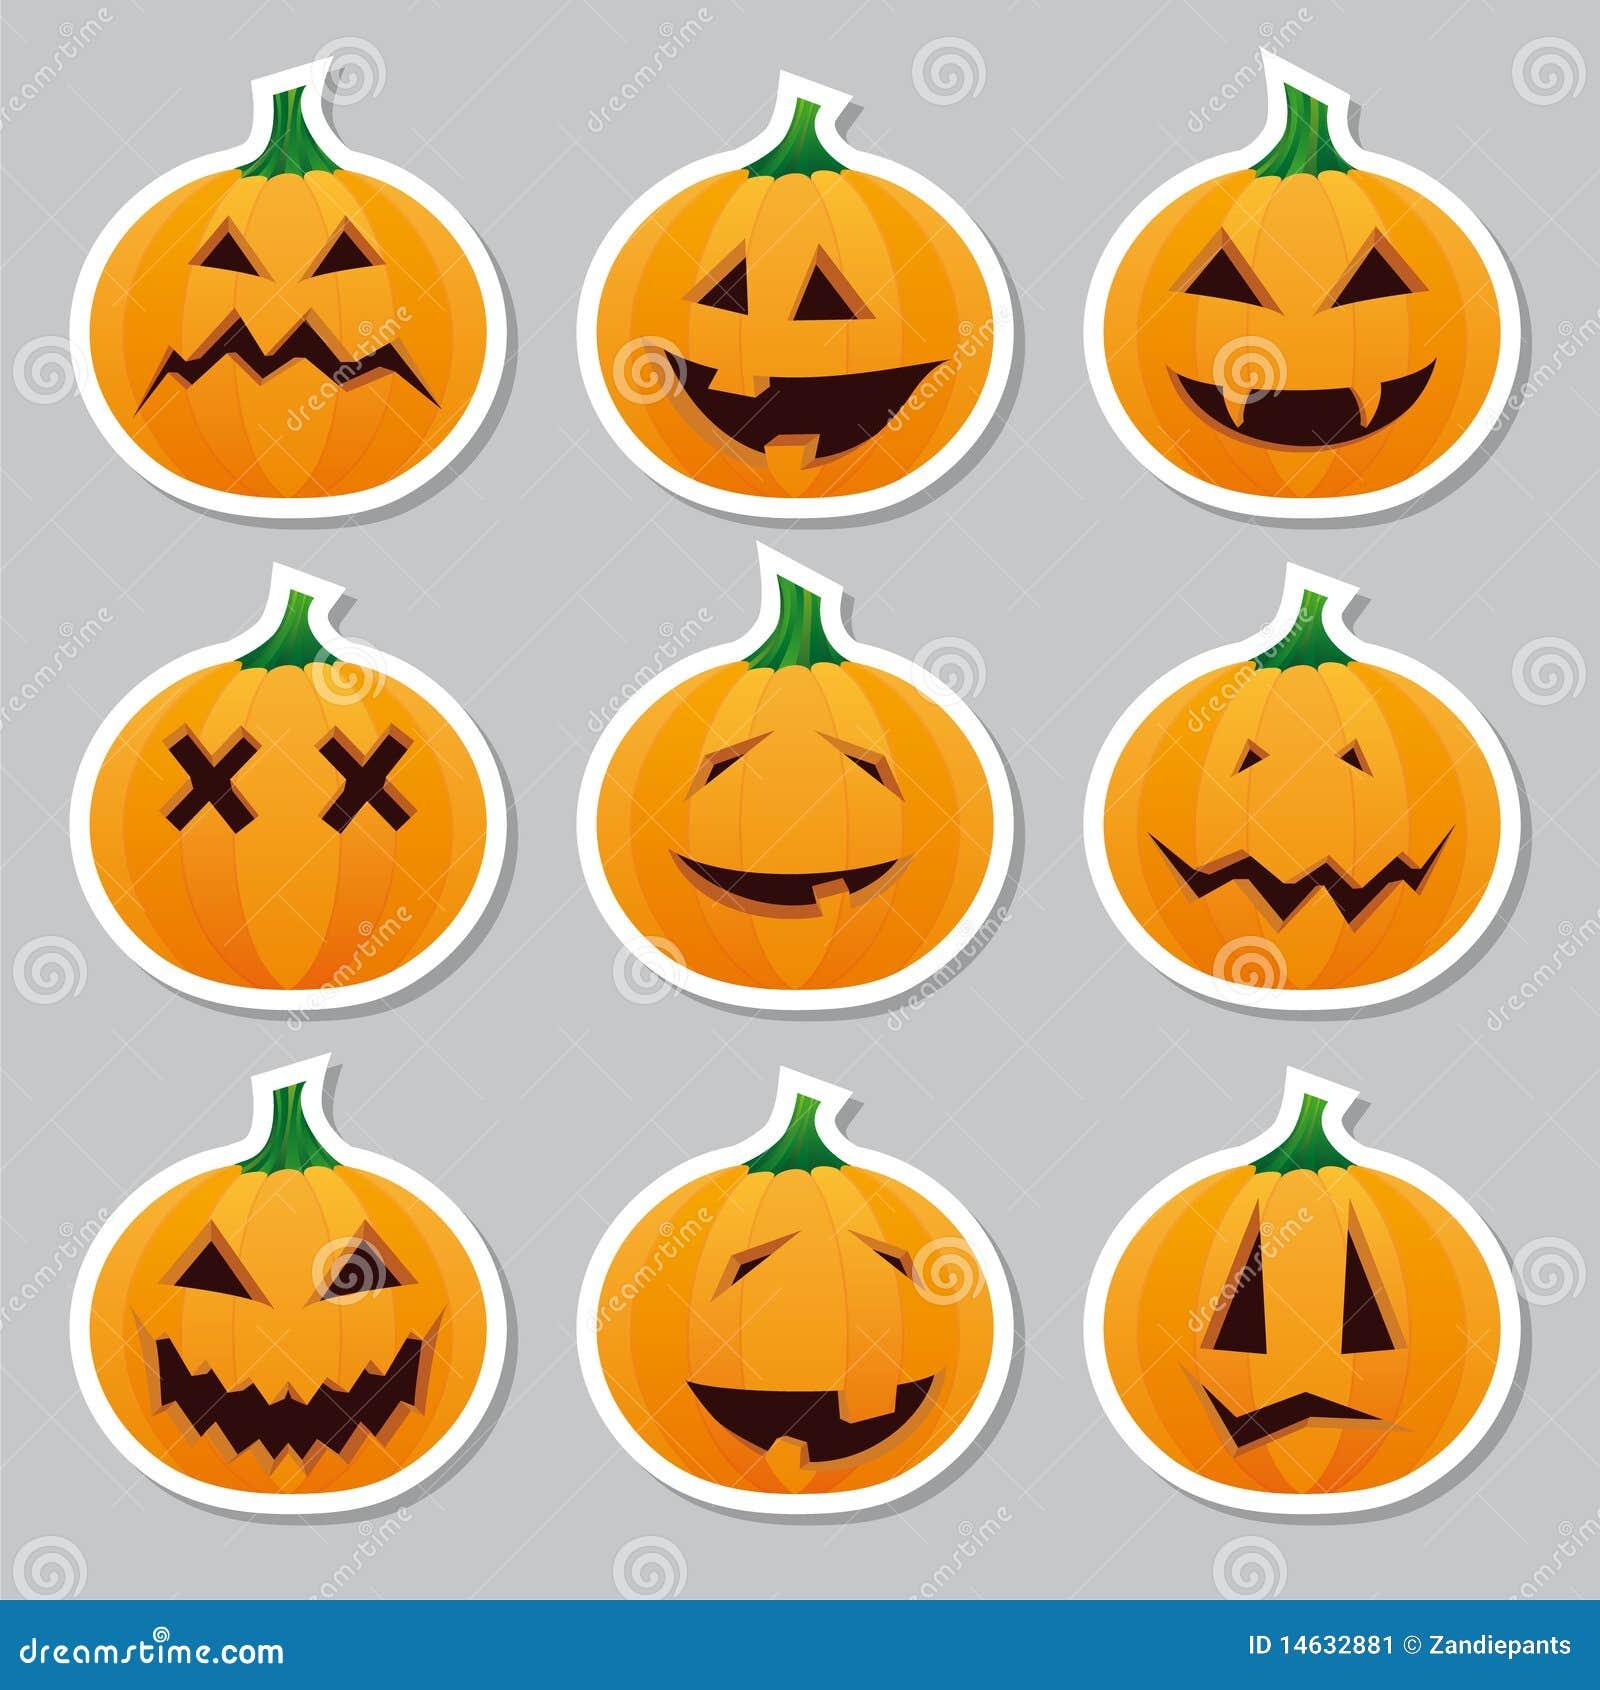 Halloween Headstones